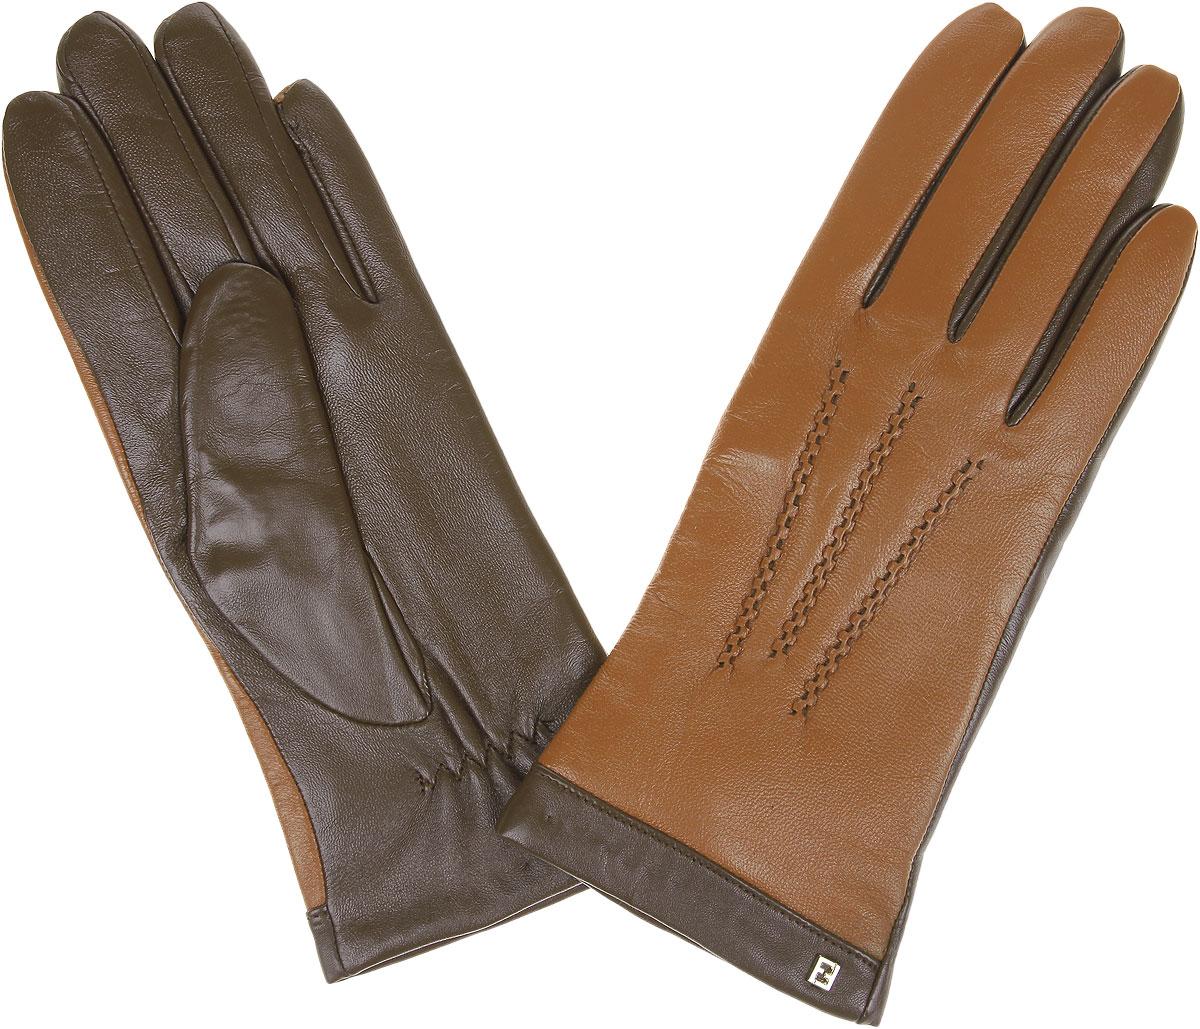 Перчатки женские Touch Screen. S1.6S1.6-20_turquiseЖенские перчатки Fabretti Touch Screen не только защитят ваши руки от холода, но и станут незаменимым аксессуаром. Модель изготовлена из натуральной кожи на подкладке из шерсти с добавлением кашемира. Современные технологии обработки кожи позволяют работать с любыми сенсорными дисплеями, не снимая перчатки, что особенно важно в климатических условиях России. Конкурентным преимуществом данной технологии, является отсутствие текстильных вставок на пальцах, которые портят внешний вид перчаток и нарушают целостность кожи. Лицевая сторона изделия украшена фигурной прострочкой. Модель дополнена небольшим декоративным элементом с логотипом бренда. Запястье оснащено небольшой резинкой, фиксирующей модель на руке. Перчатки Fabretti станут завершающим и подчеркивающим элементом вашего стиля.